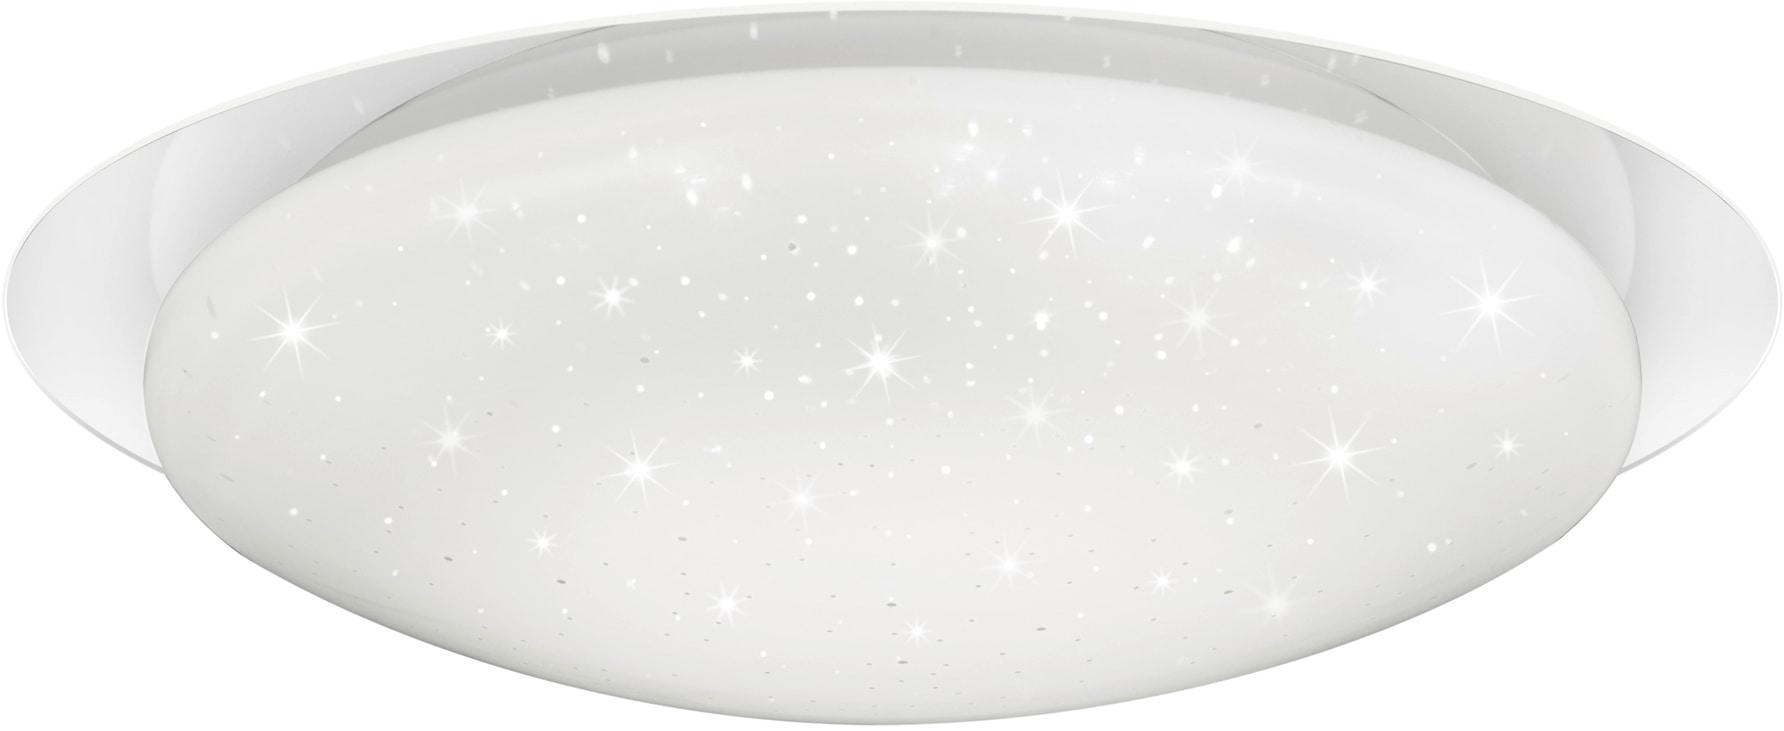 TRIO Leuchten LED Deckenleuchte Frodo, LED-Modul, Farbwechsler